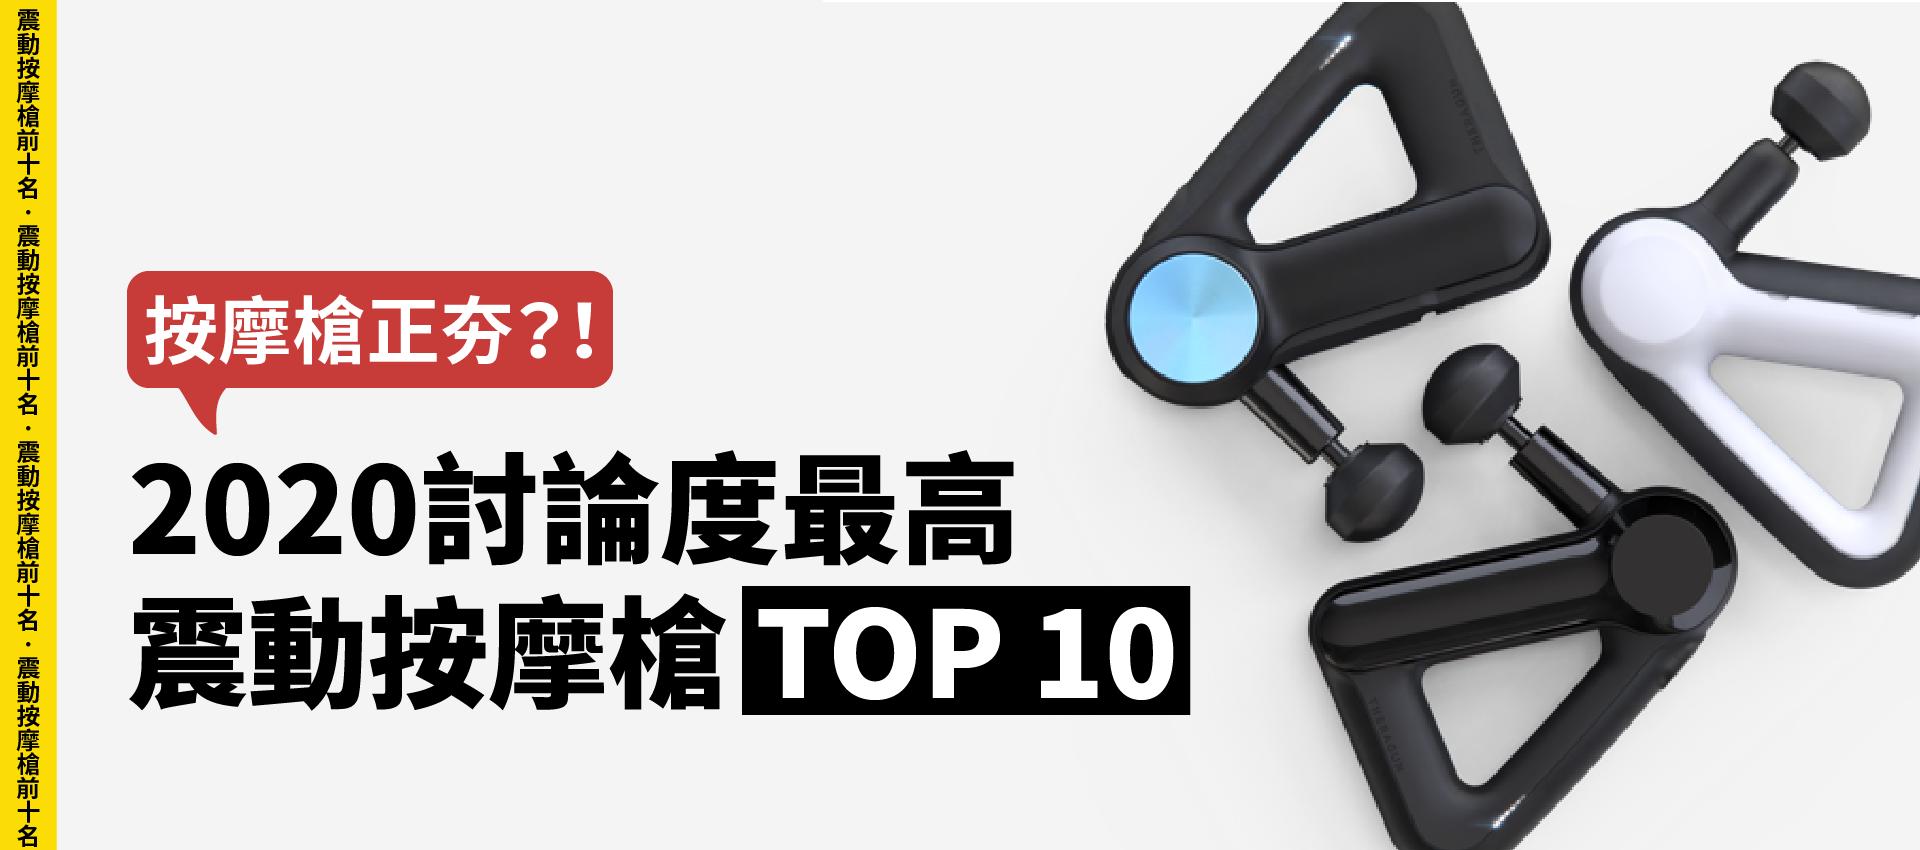 按摩槍正夯?2019討論度最高震動按摩槍TOP 10